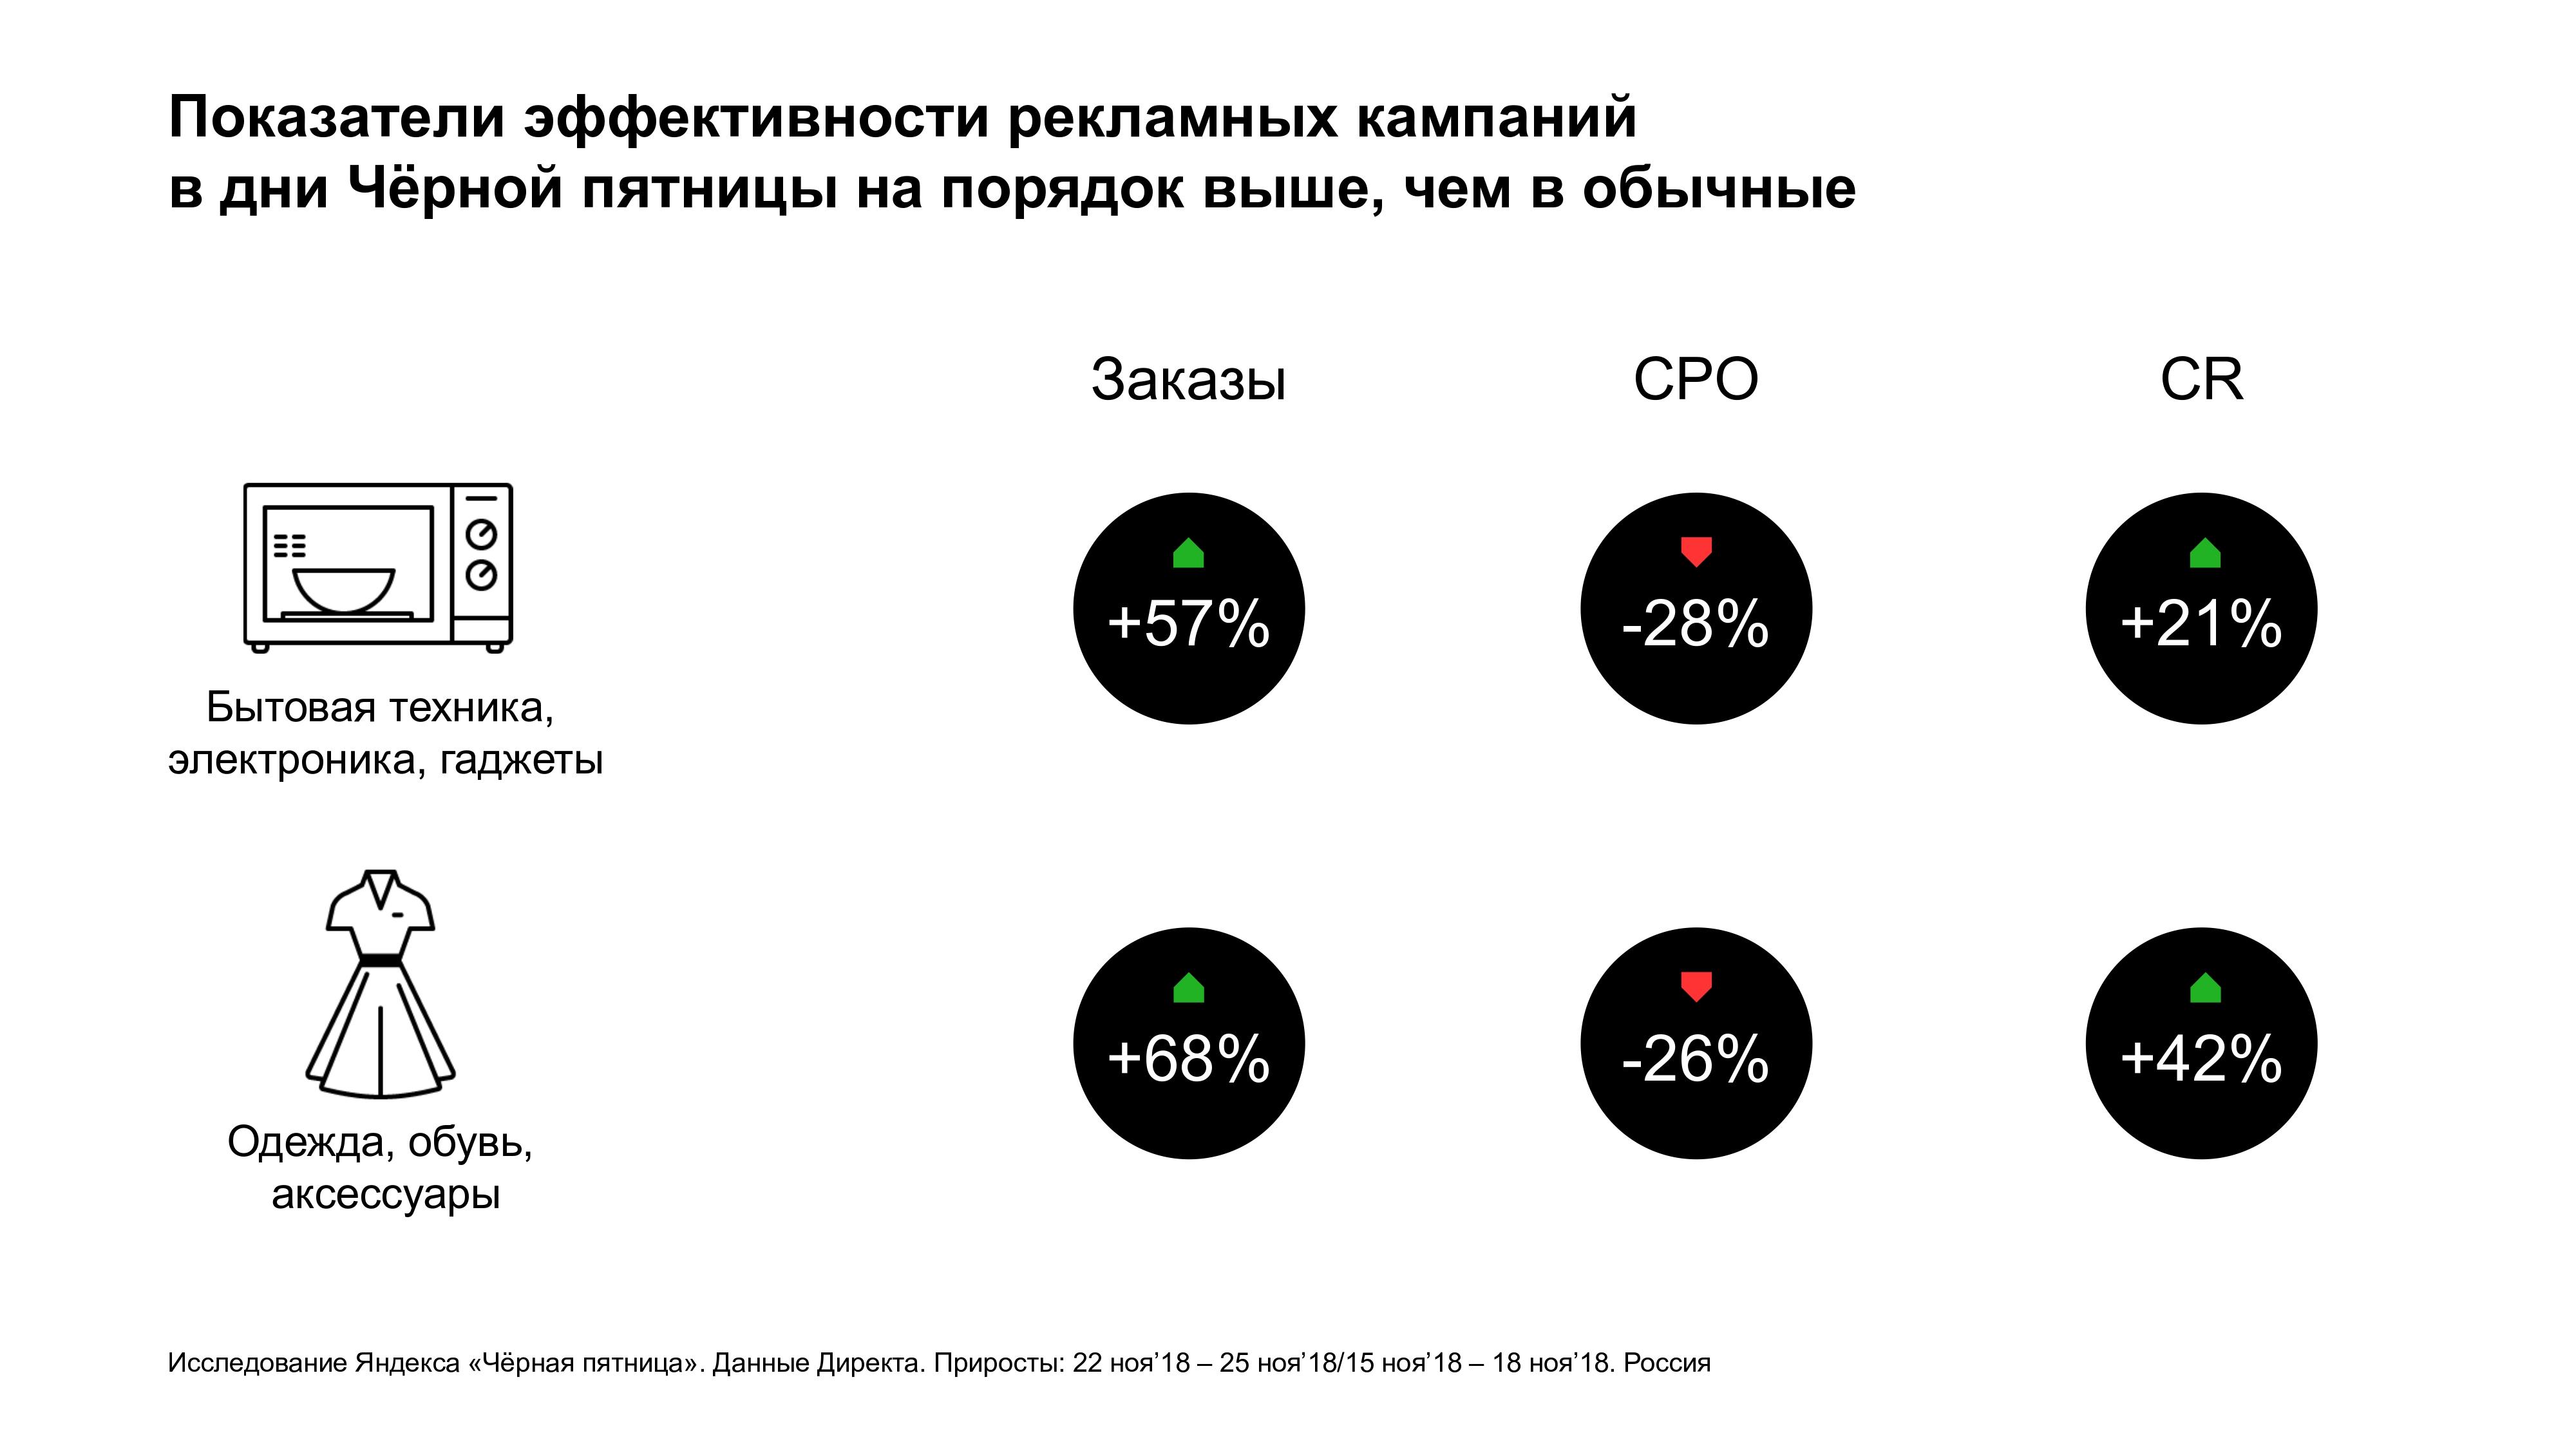 Яндекс: 72% пользователей в Чёрную пятницу 2018 года предпочли онлайн-шопинг. Уроки и выводы